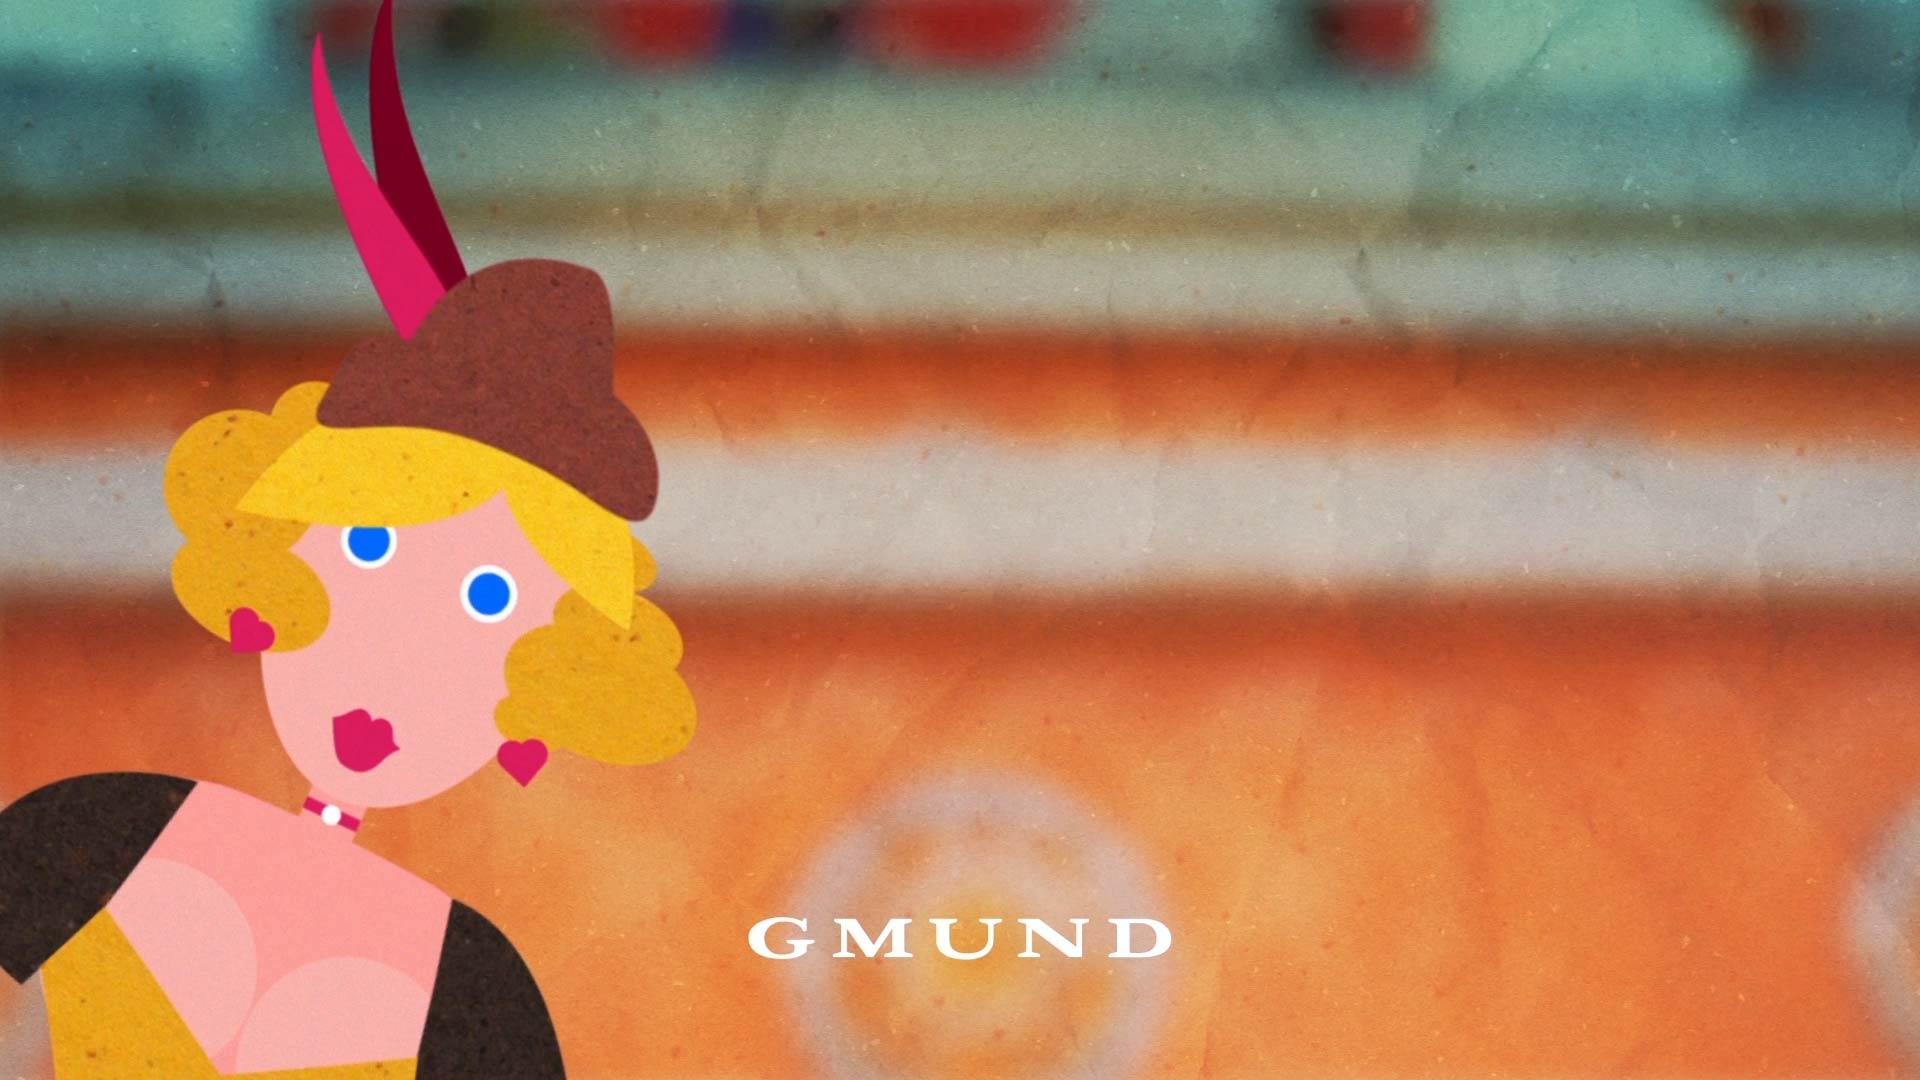 GMUND-Bier-Papier-5